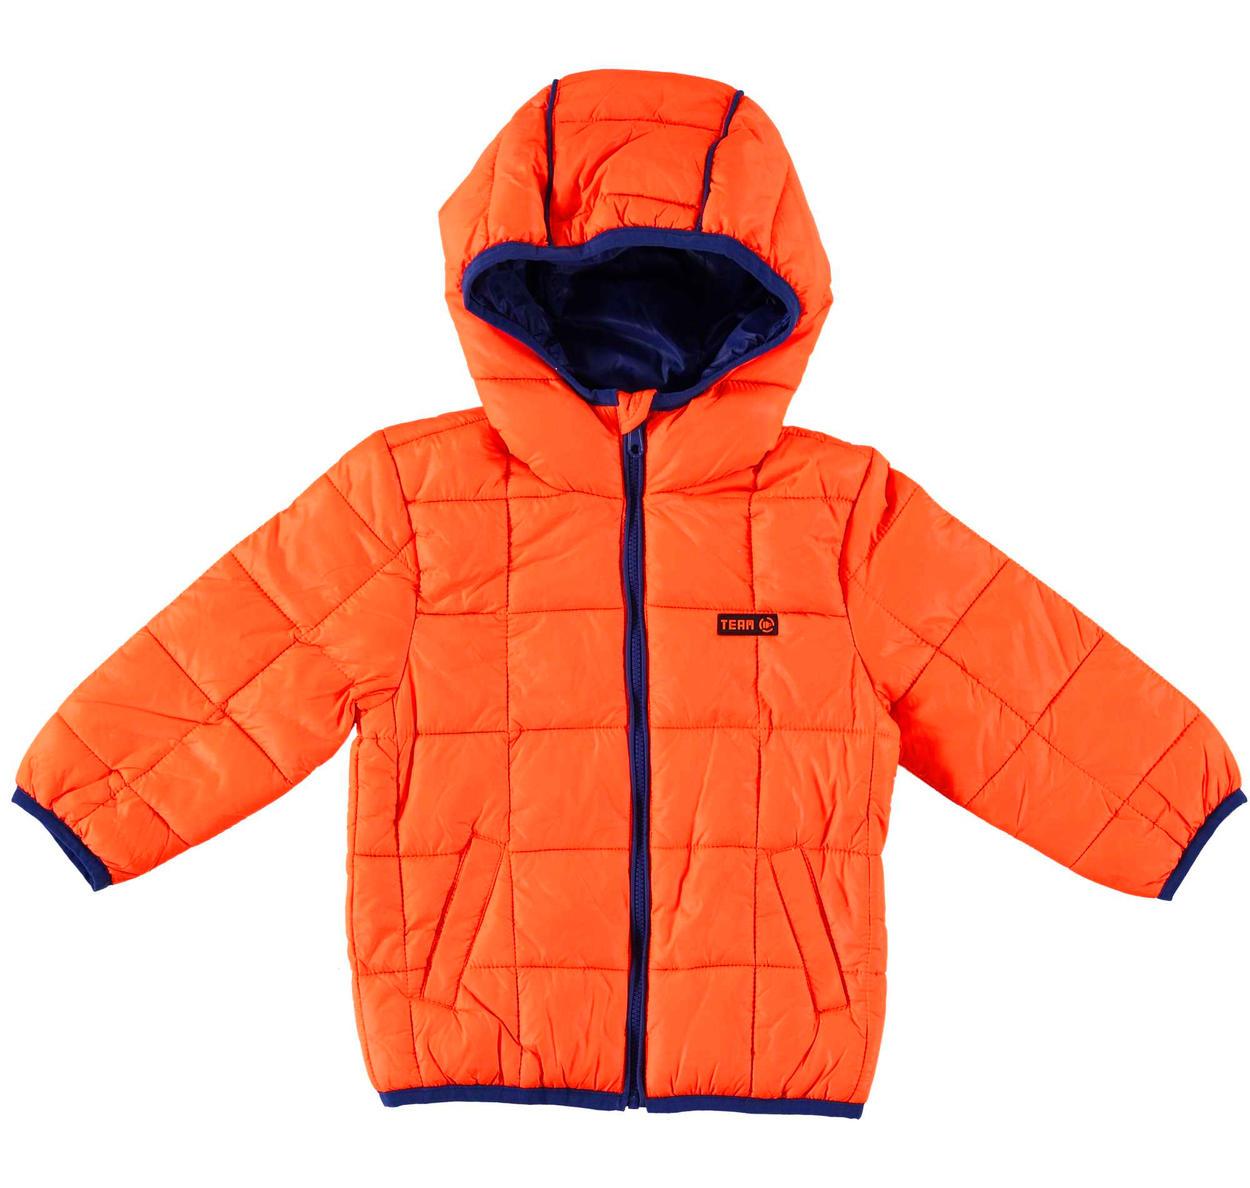 new styles d9182 d129c Piumino modello 100 grammi con cappuccio in nylon ed imbottitura in ovatta  per bambino da 6 mesi a 7 anni Sarabanda